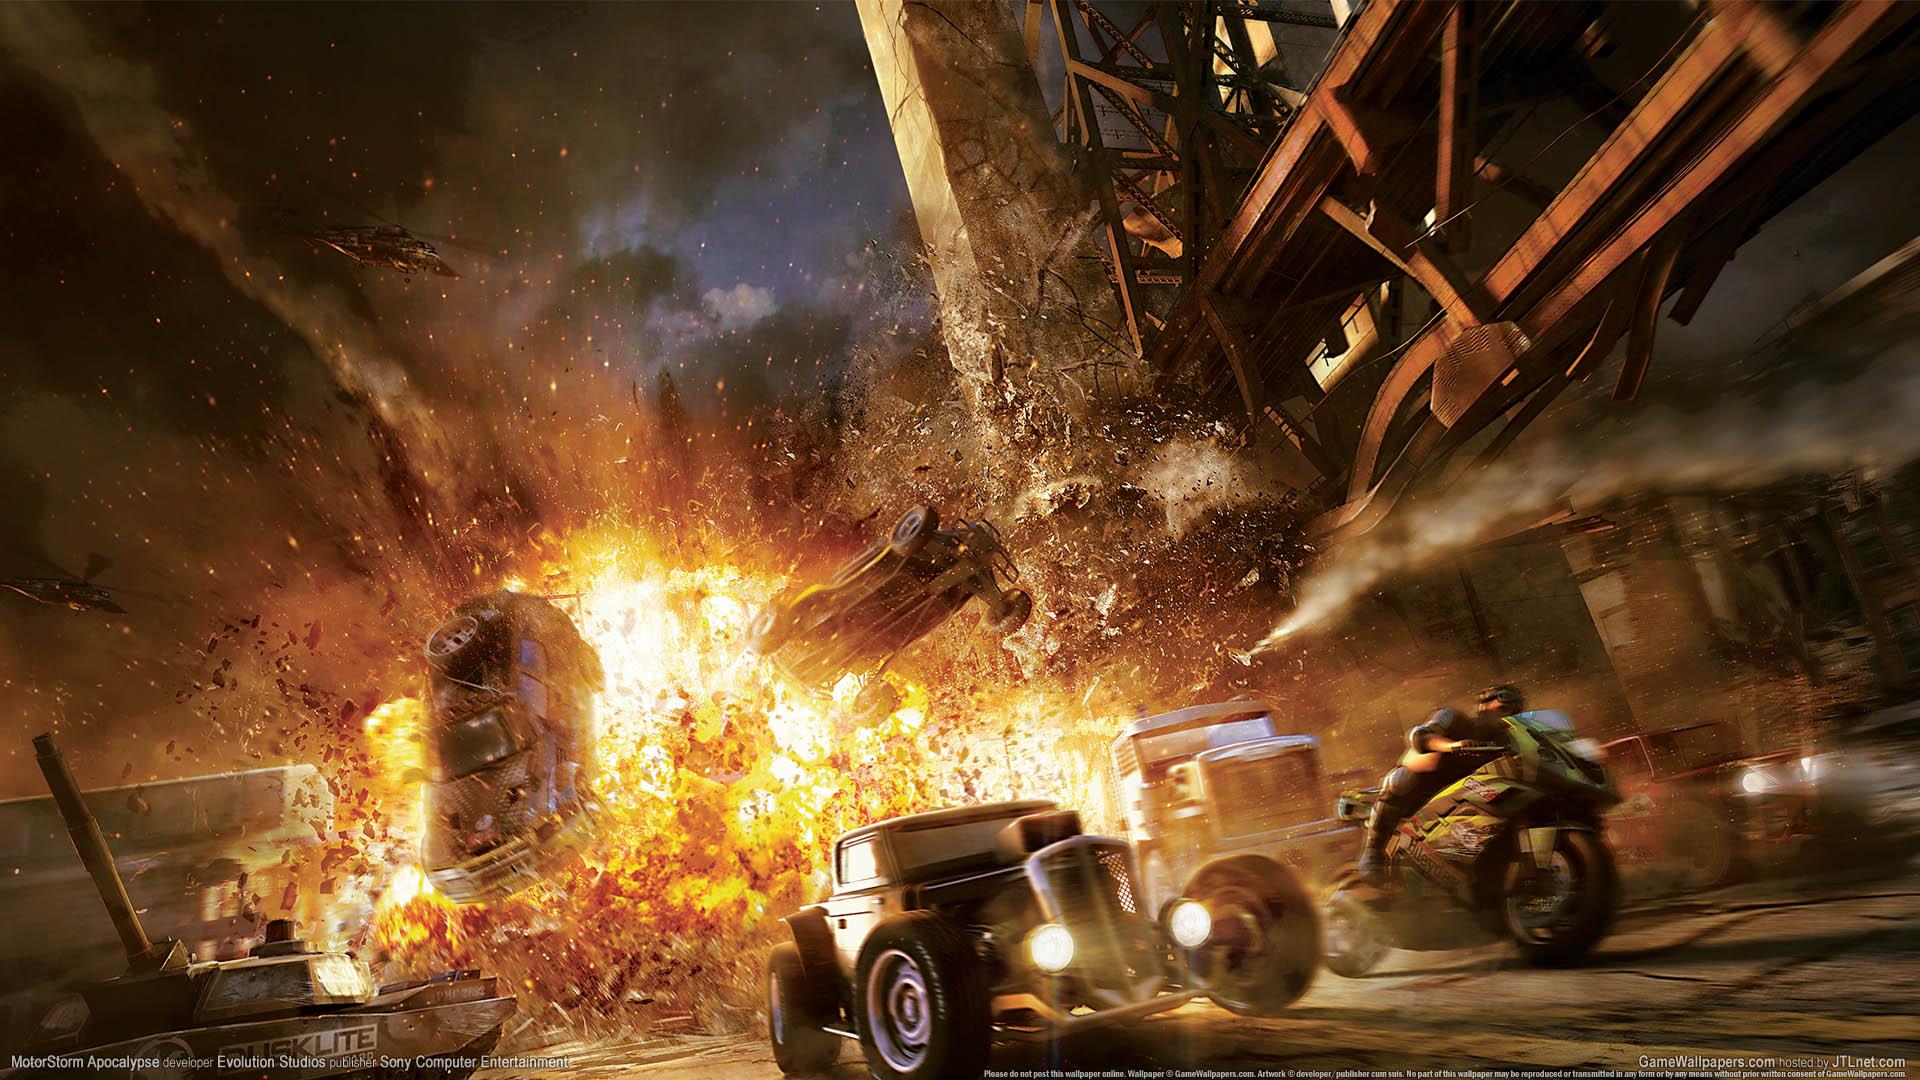 Motorstorm Apocalypse Wallpaper 02 1920x1080